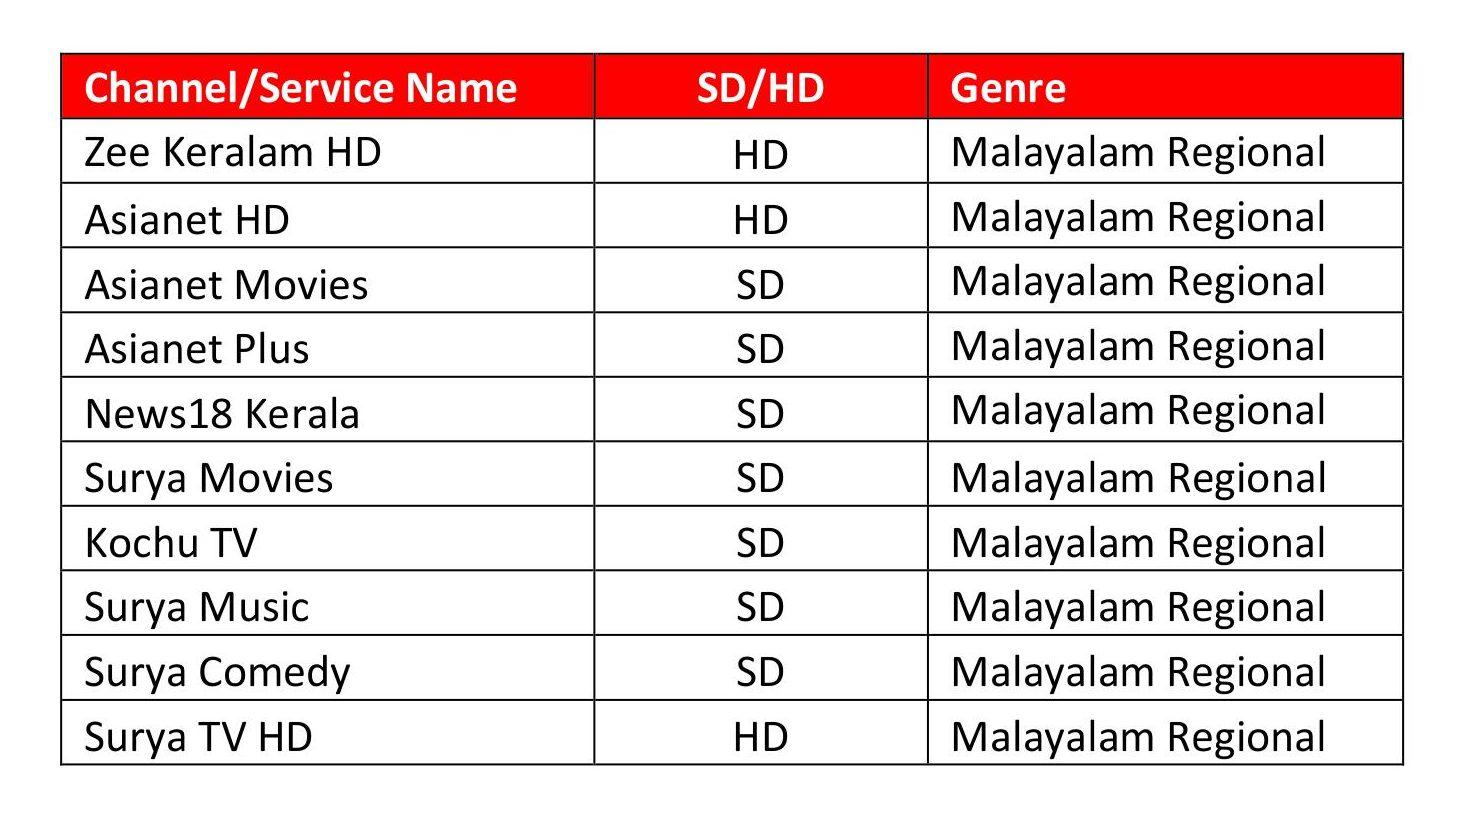 MalayalamRegionalHD